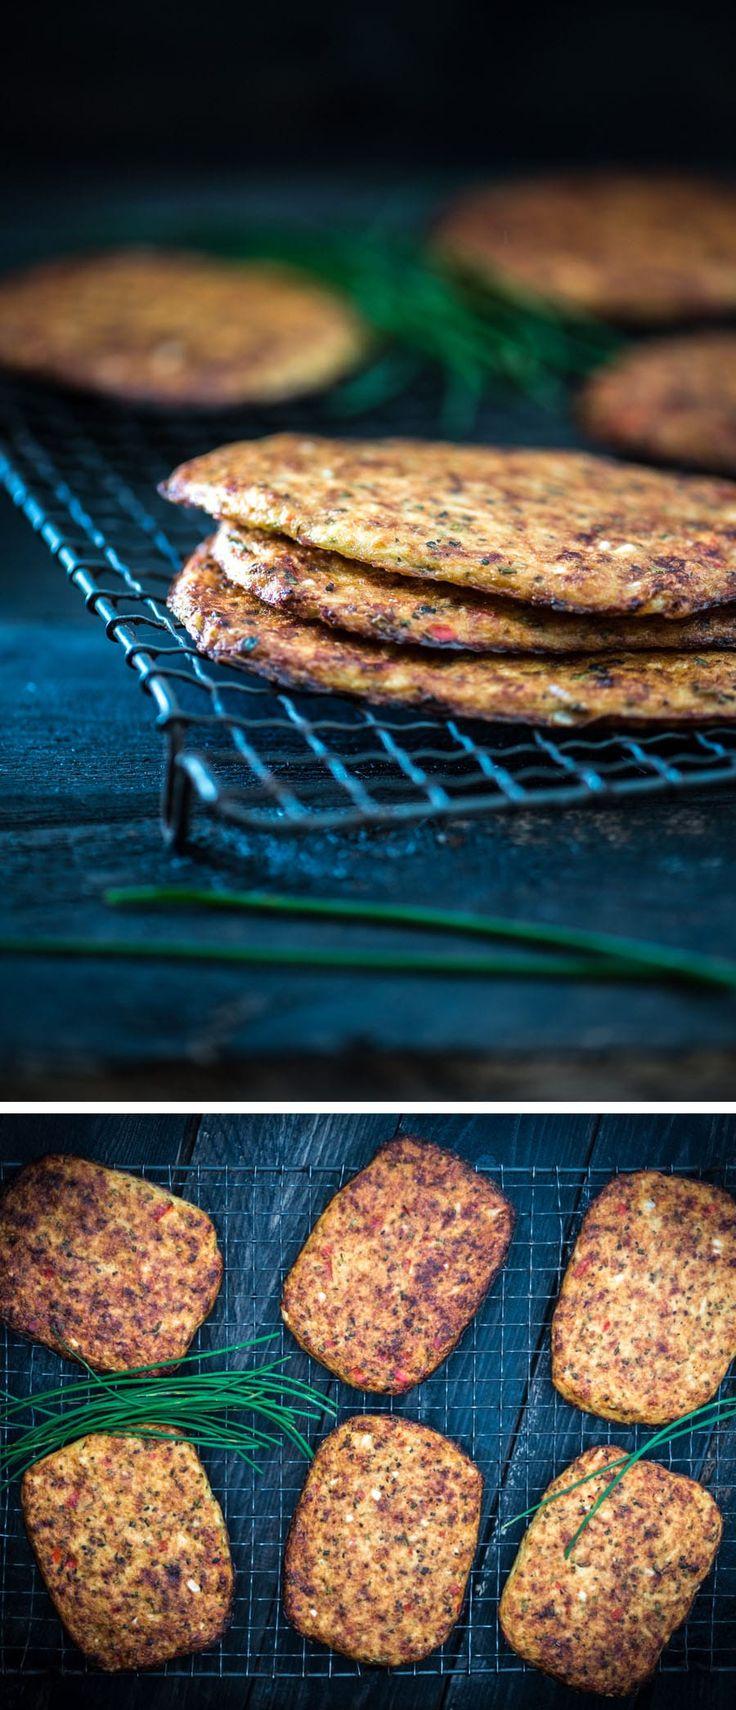 Rösti van bloemkool in plaats van aardappel. Verstop extra groente in deze heerlijke rösti's zonder dat iemand het doorheeft. De bloemkool proef en ruik je niet maar zorgt wel voor extra vitaminen, mi